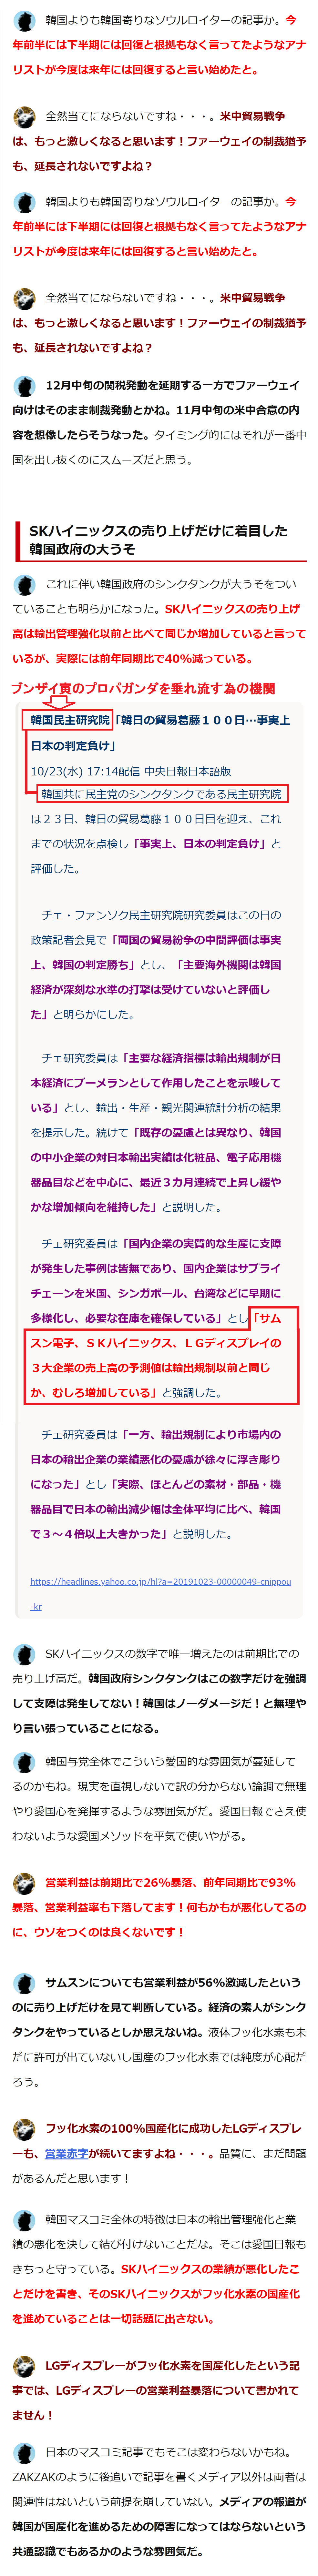 韓国半導体産業が完全崩壊!1_2